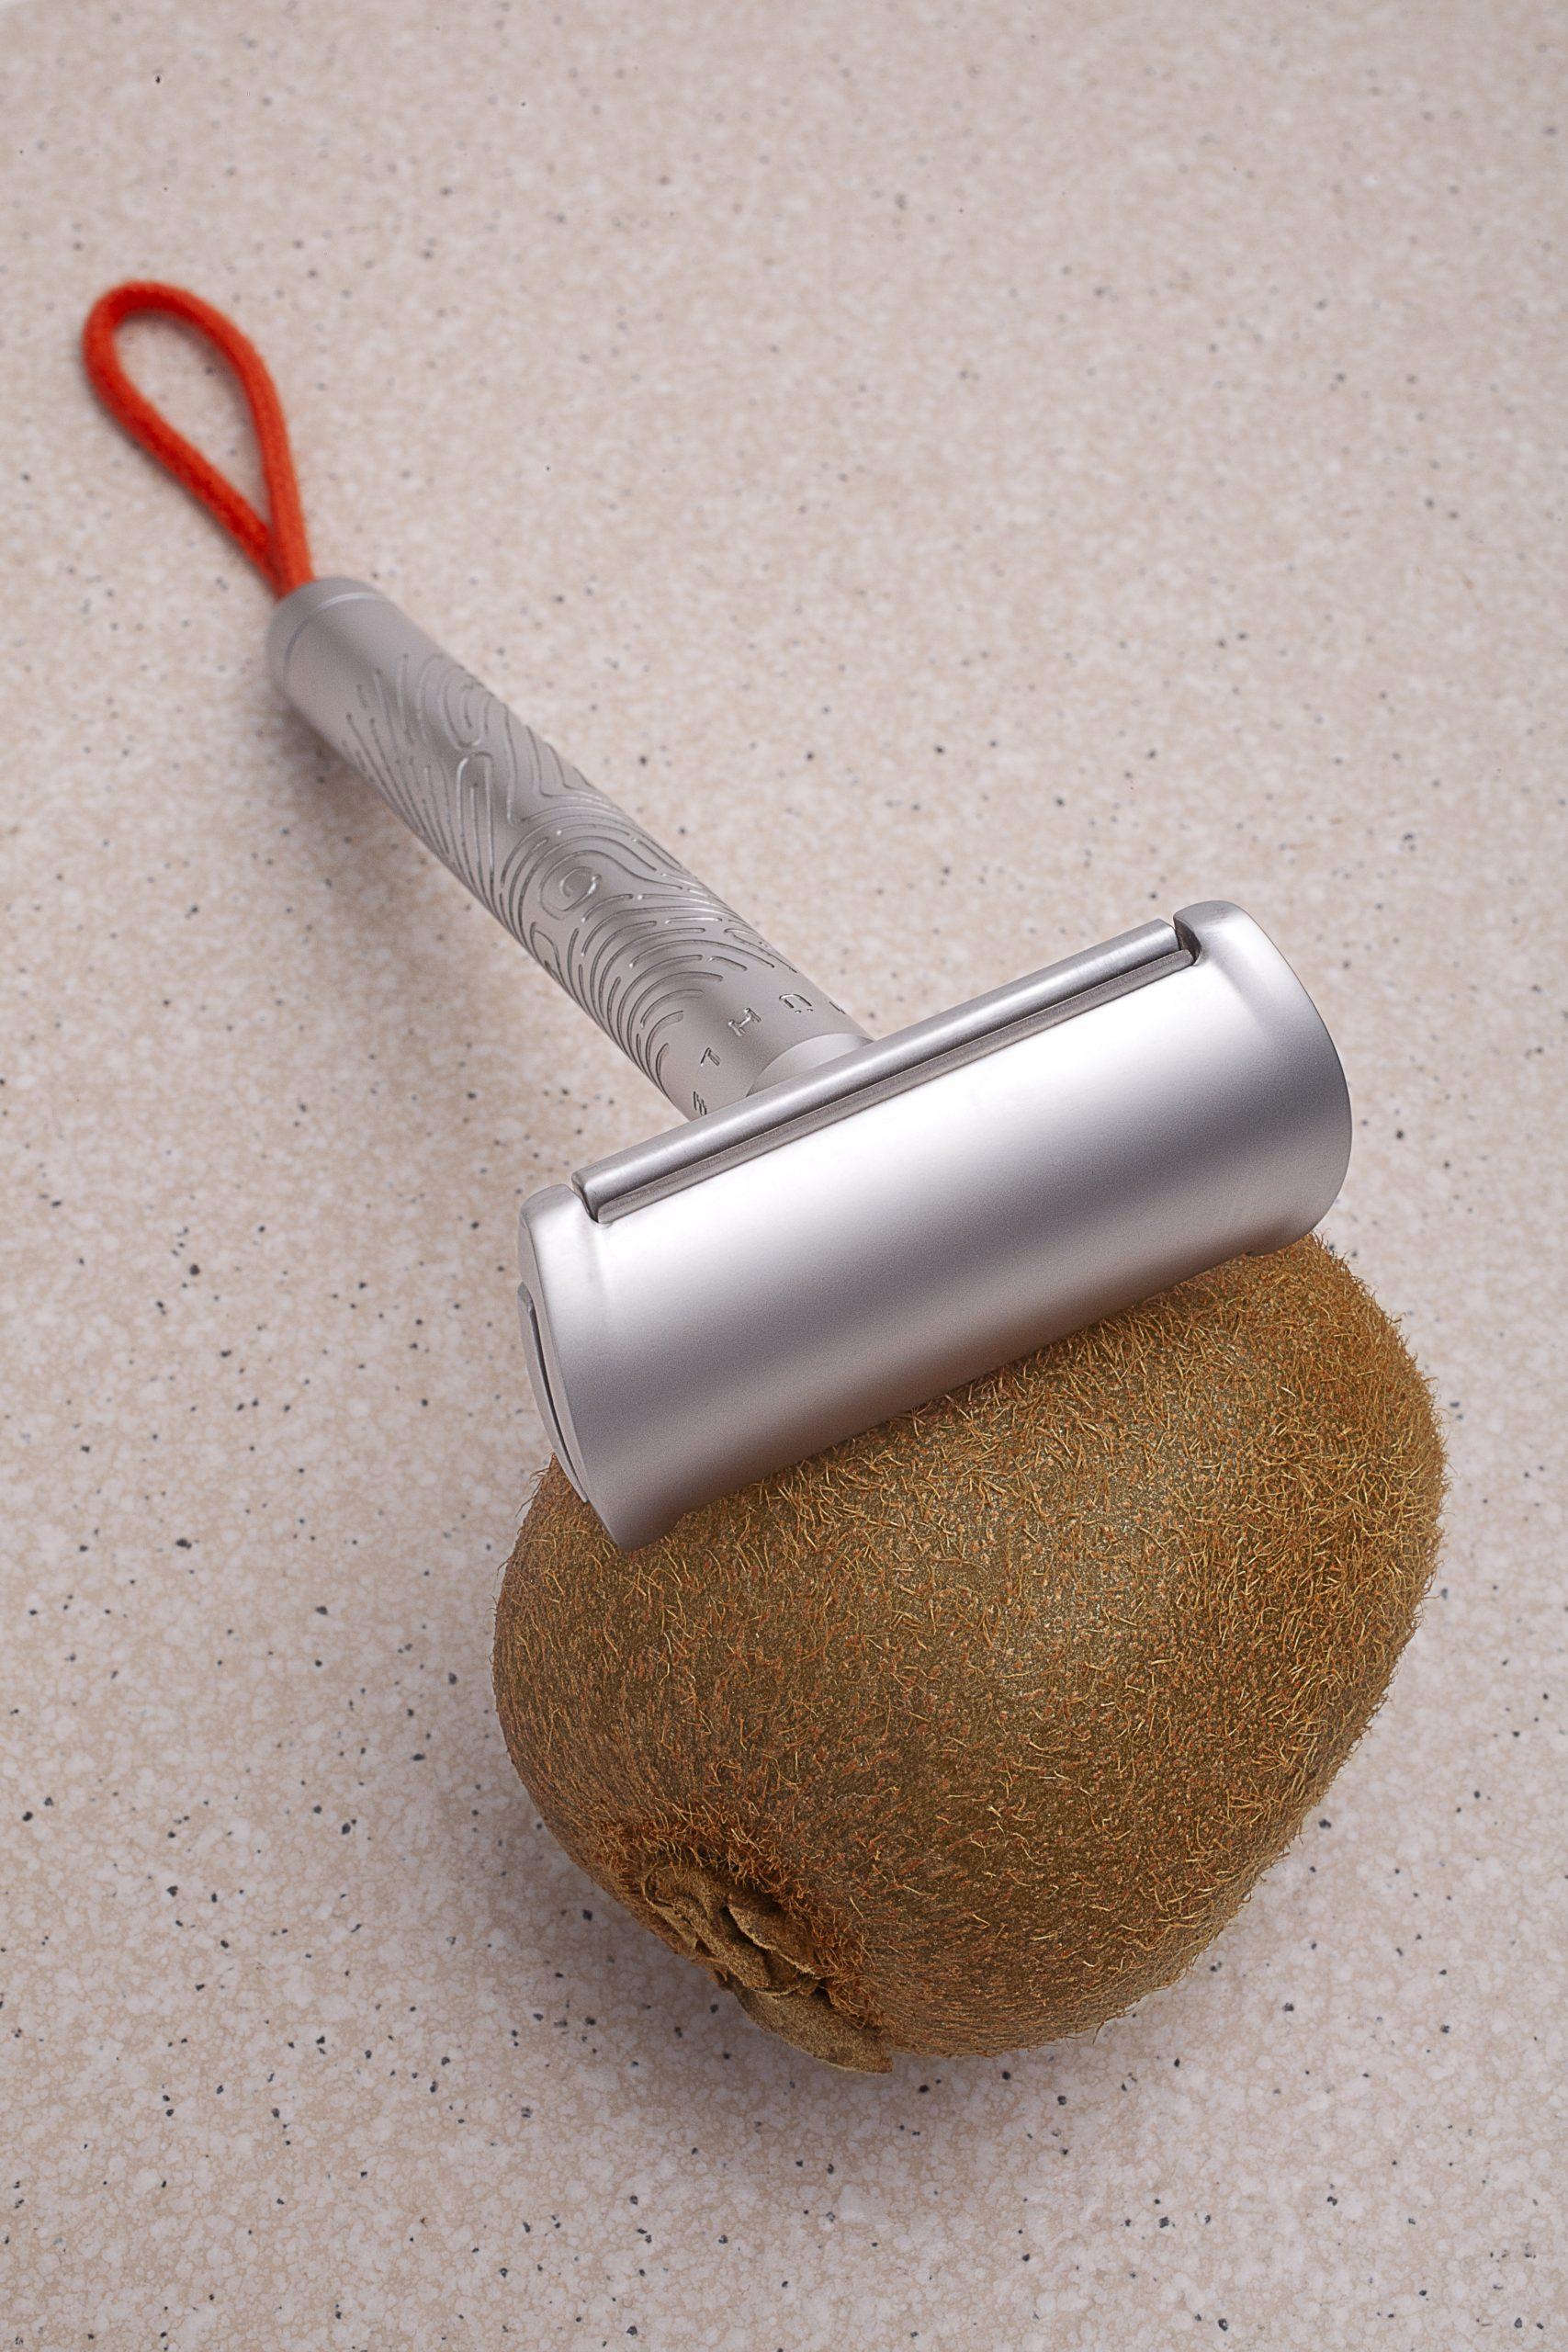 Stil Ein Rasierer für alle Lebensphasen und Körperstellen: Der Companion Razor von Mühle ist als Unisex-Werkzeug gedacht.